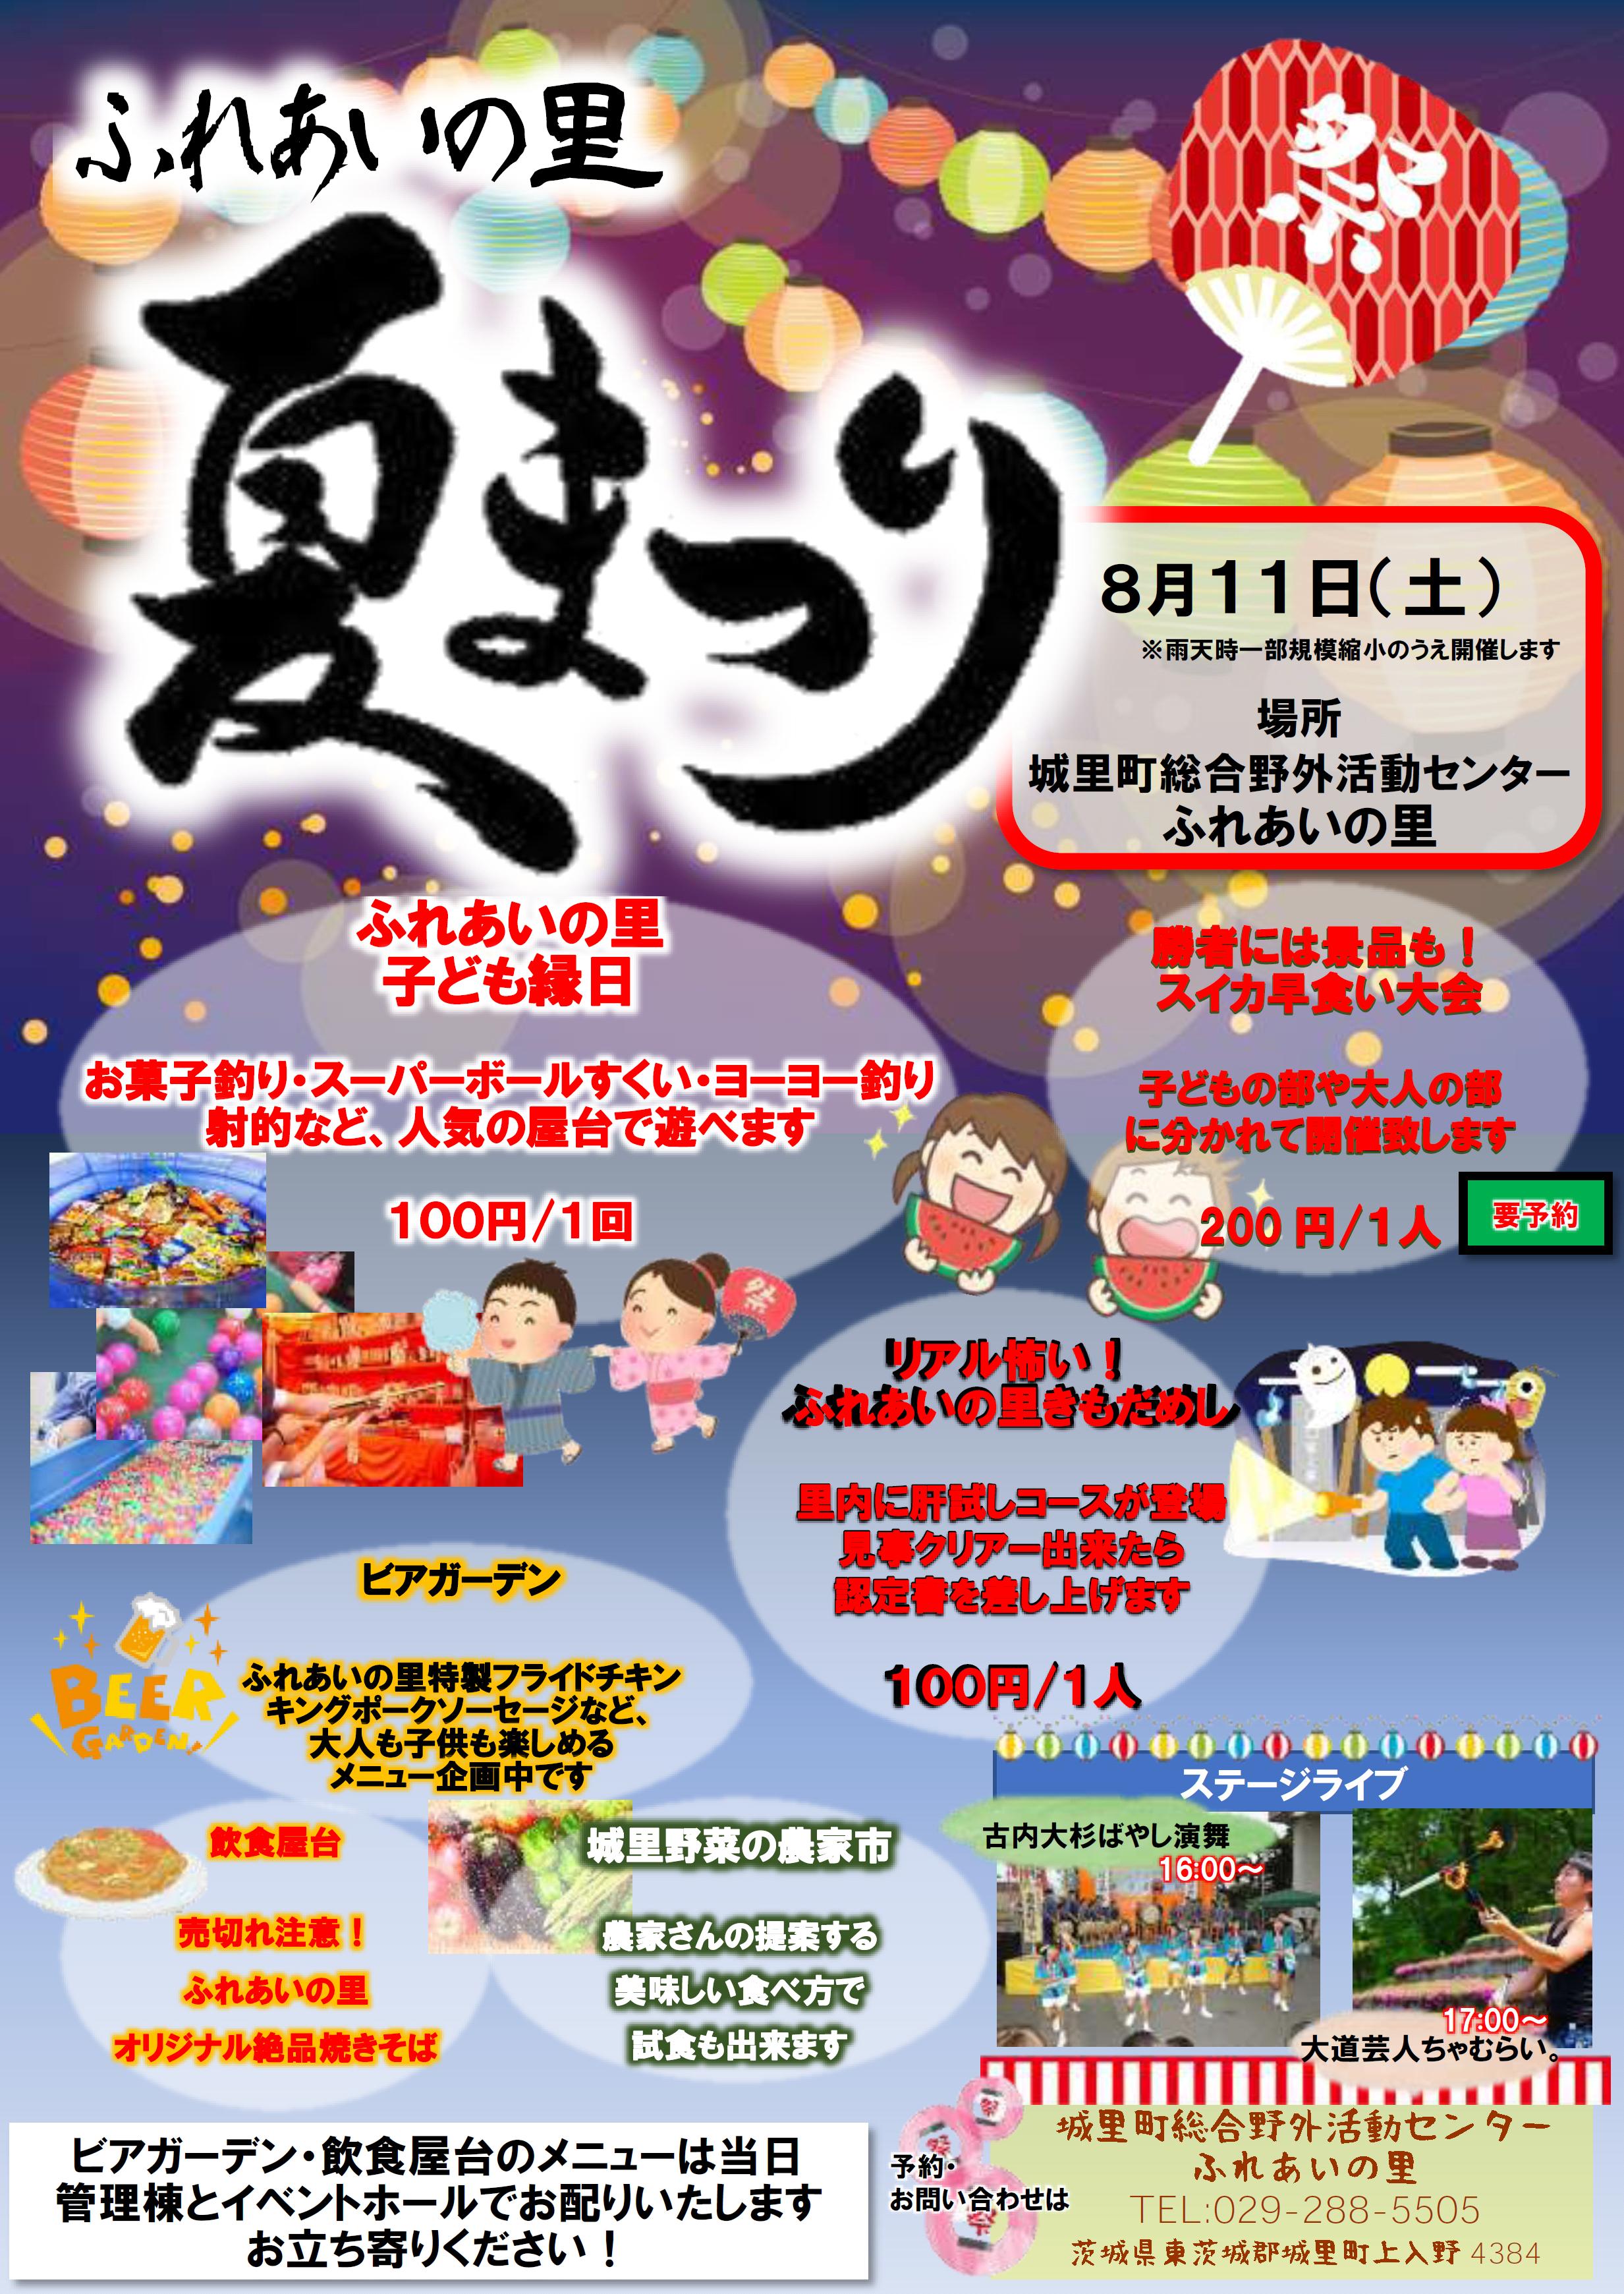 http://www.shirosatocamp.jp/news/%E5%A4%8F%E7%A5%AD%E3%82%8A%E8%A1%A8.png